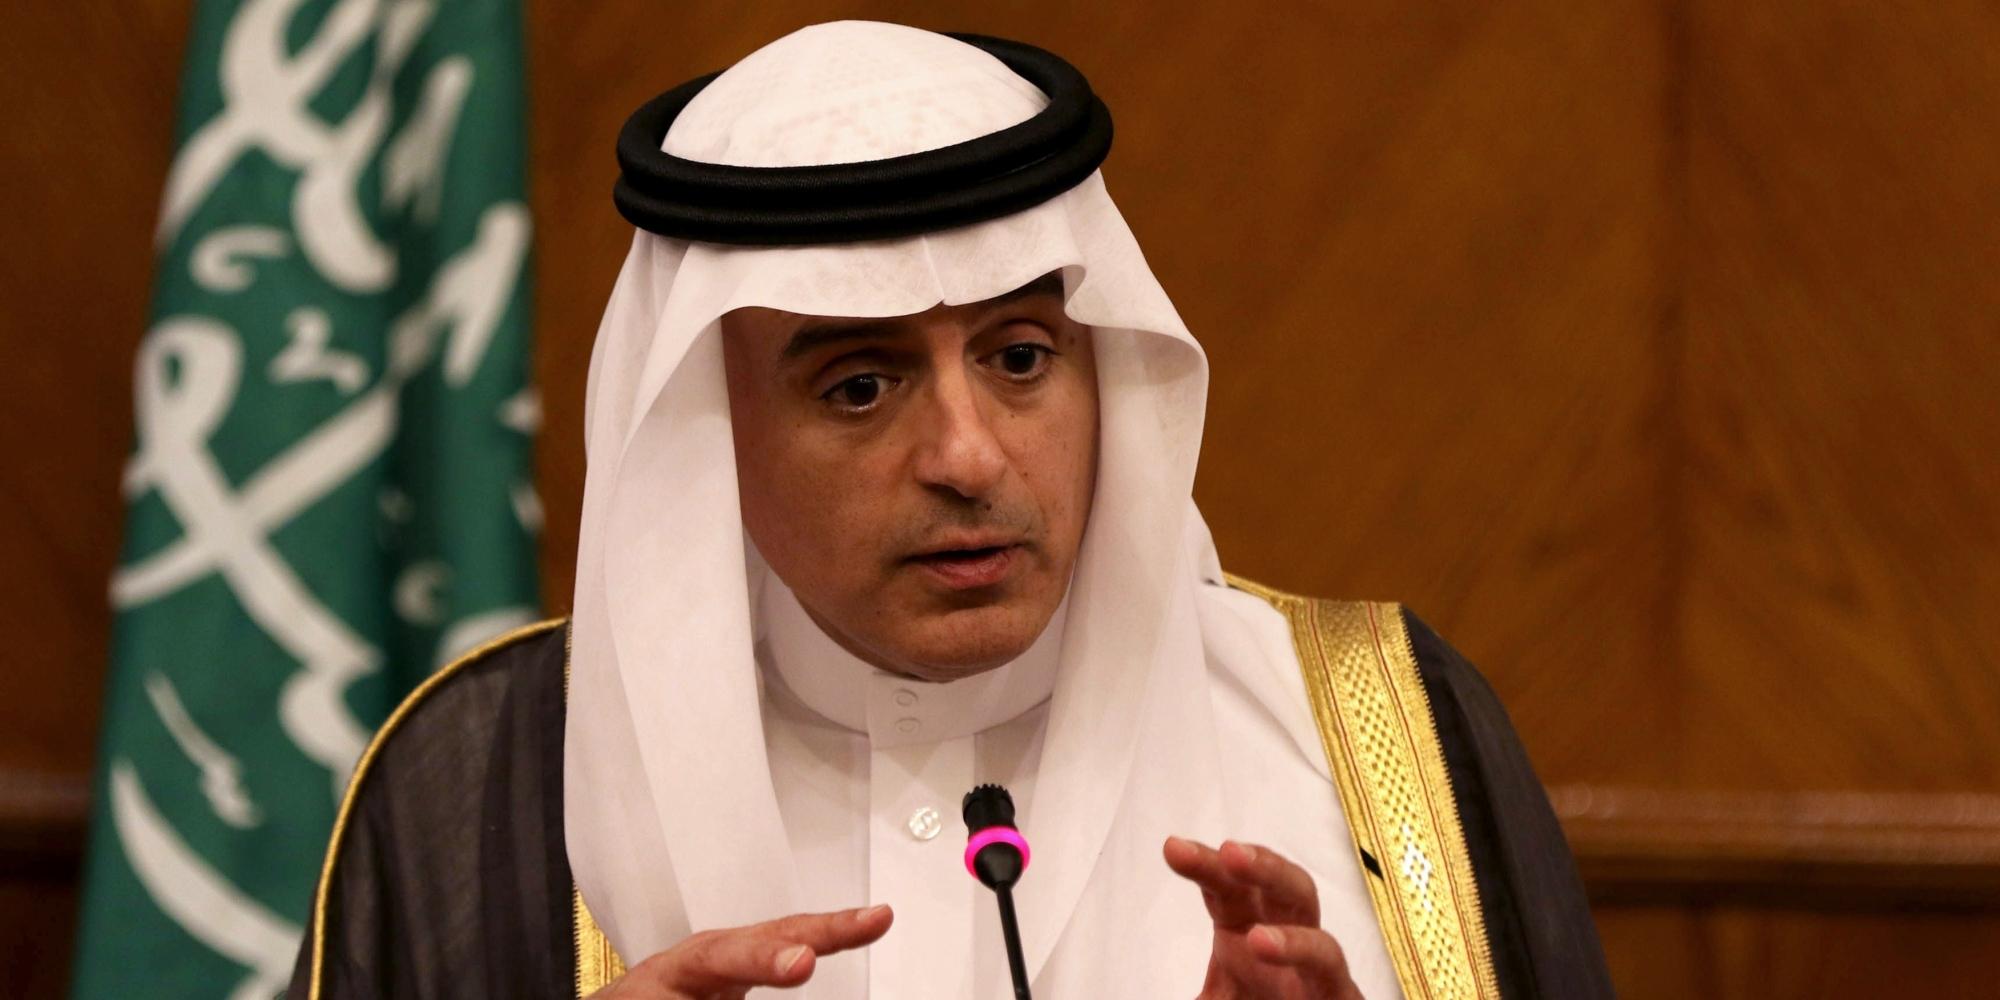 زيارة الجبير إلى بغداد كانت الأولى من نوعها لمسئول سعودي رفيع المستوى منذ العام 1990